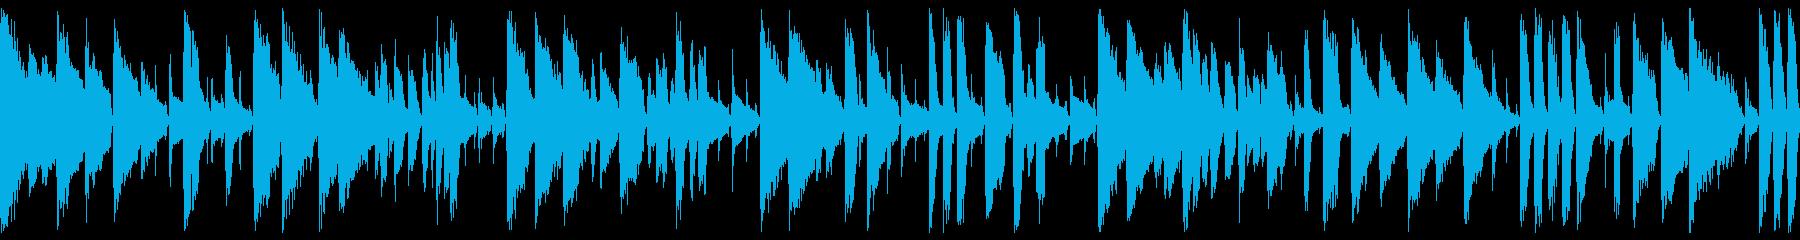 悲しげで美しい暗い ジャズピアノ(ループの再生済みの波形